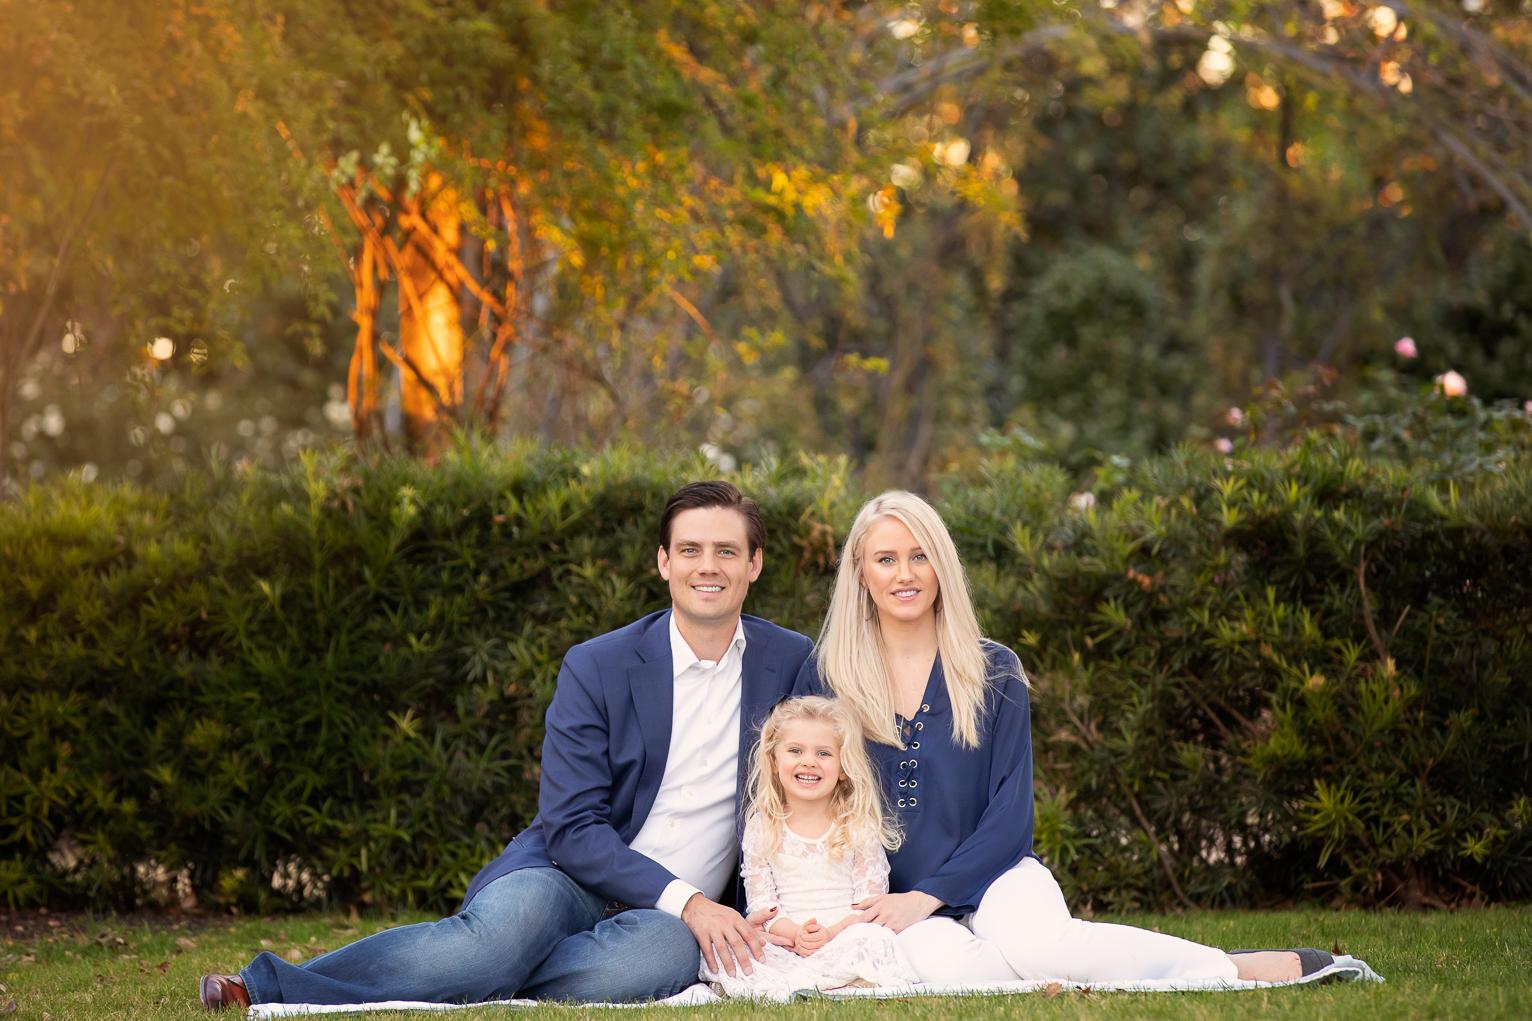 Dallas Arboretum Children's Photographer